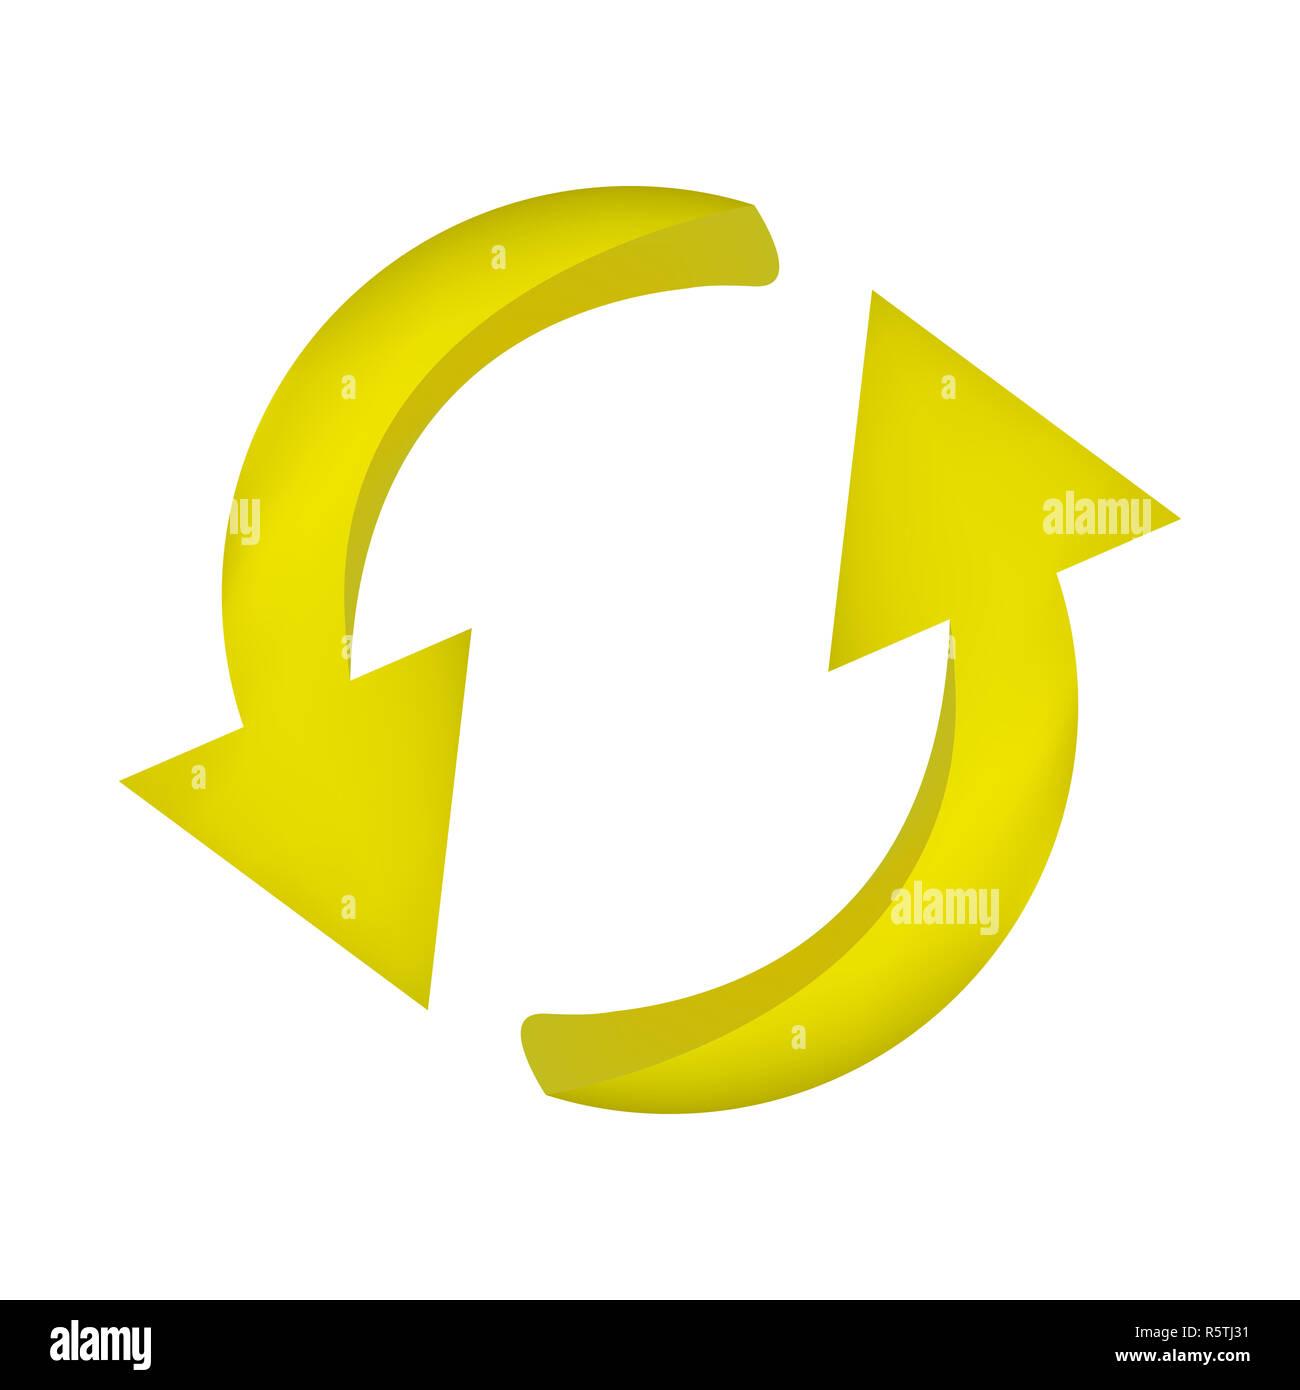 Symbole de flèche, l'icône jaune cycle clipart concept d'entreprise. Vector illustration isolé sur fond blanc. Photo Stock